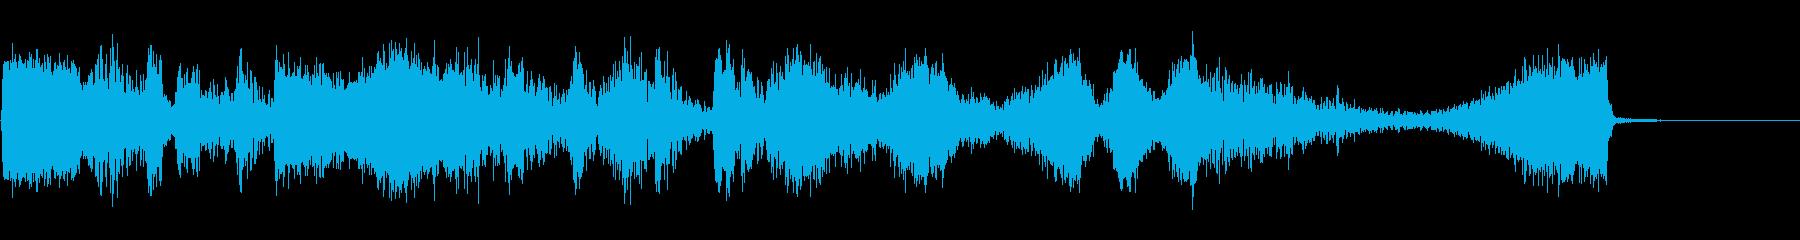 ハードノックスの再生済みの波形